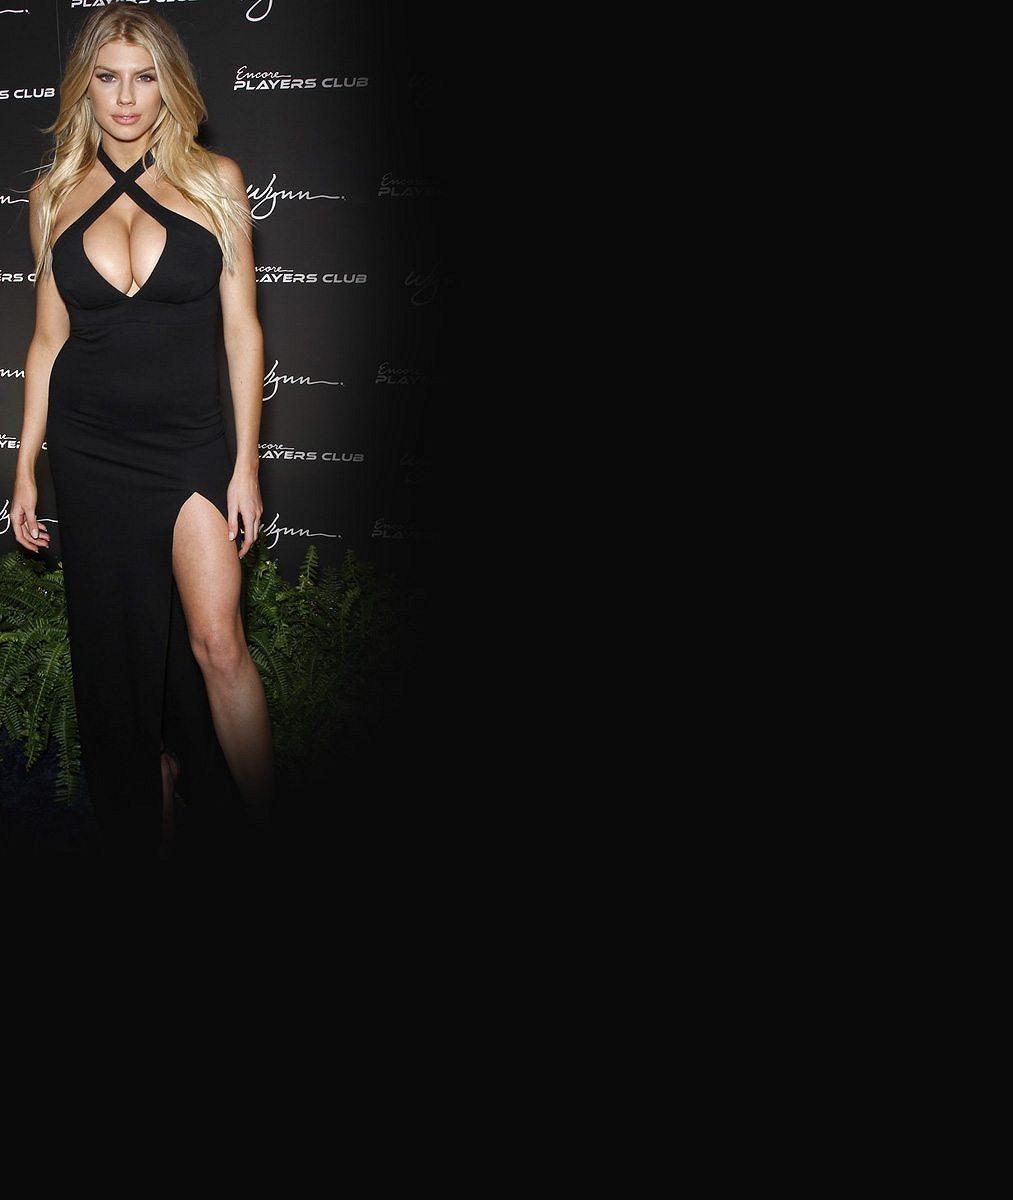 Pánové nevěděli kam s očima: Sexy modelka napěchovala své přírodní pětky do rajcovních šatů